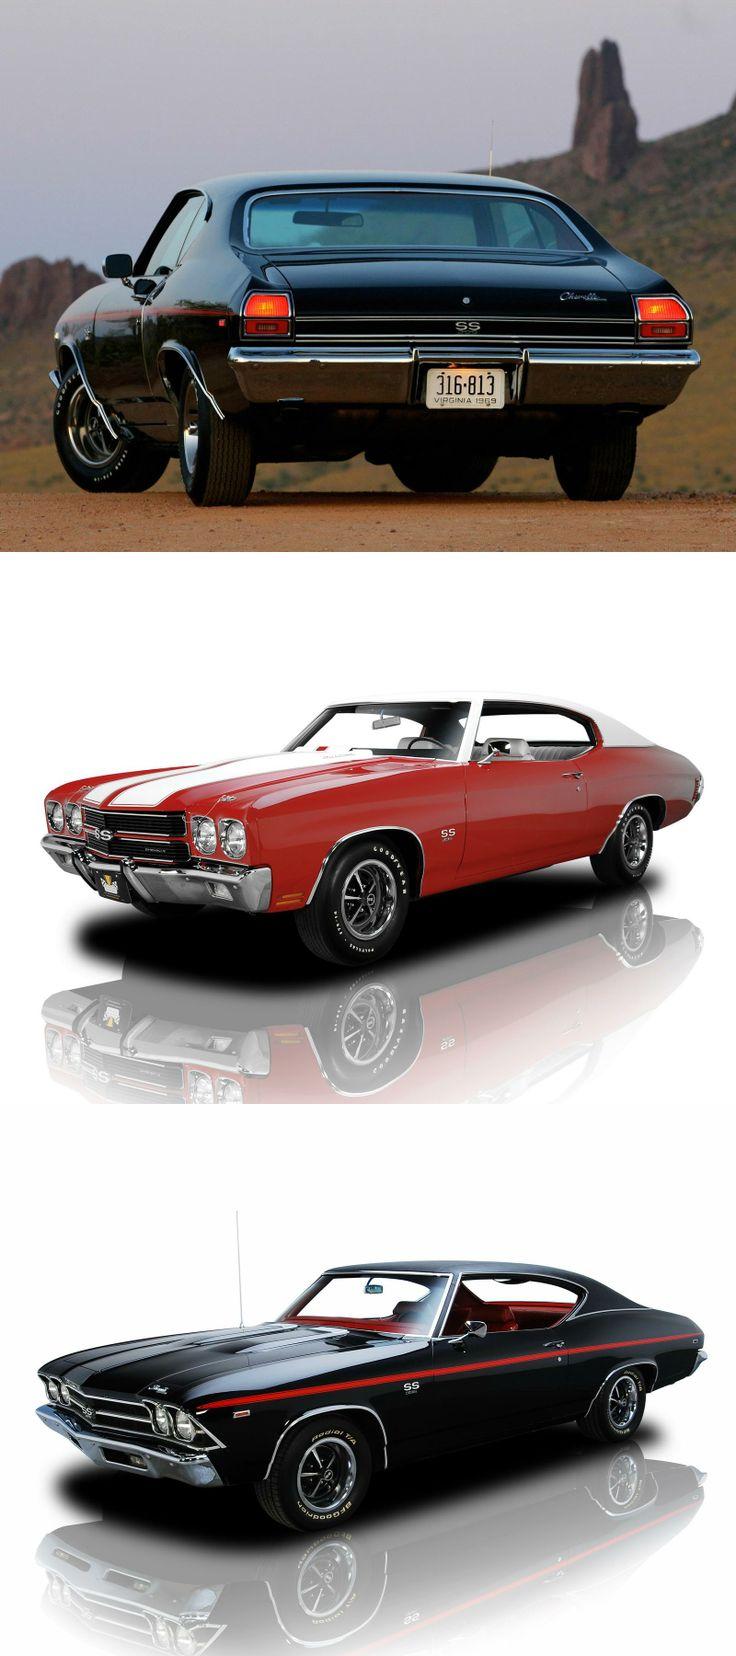 Chevrolet chevelle ss 1969 chevrolet chevellehtmlcars